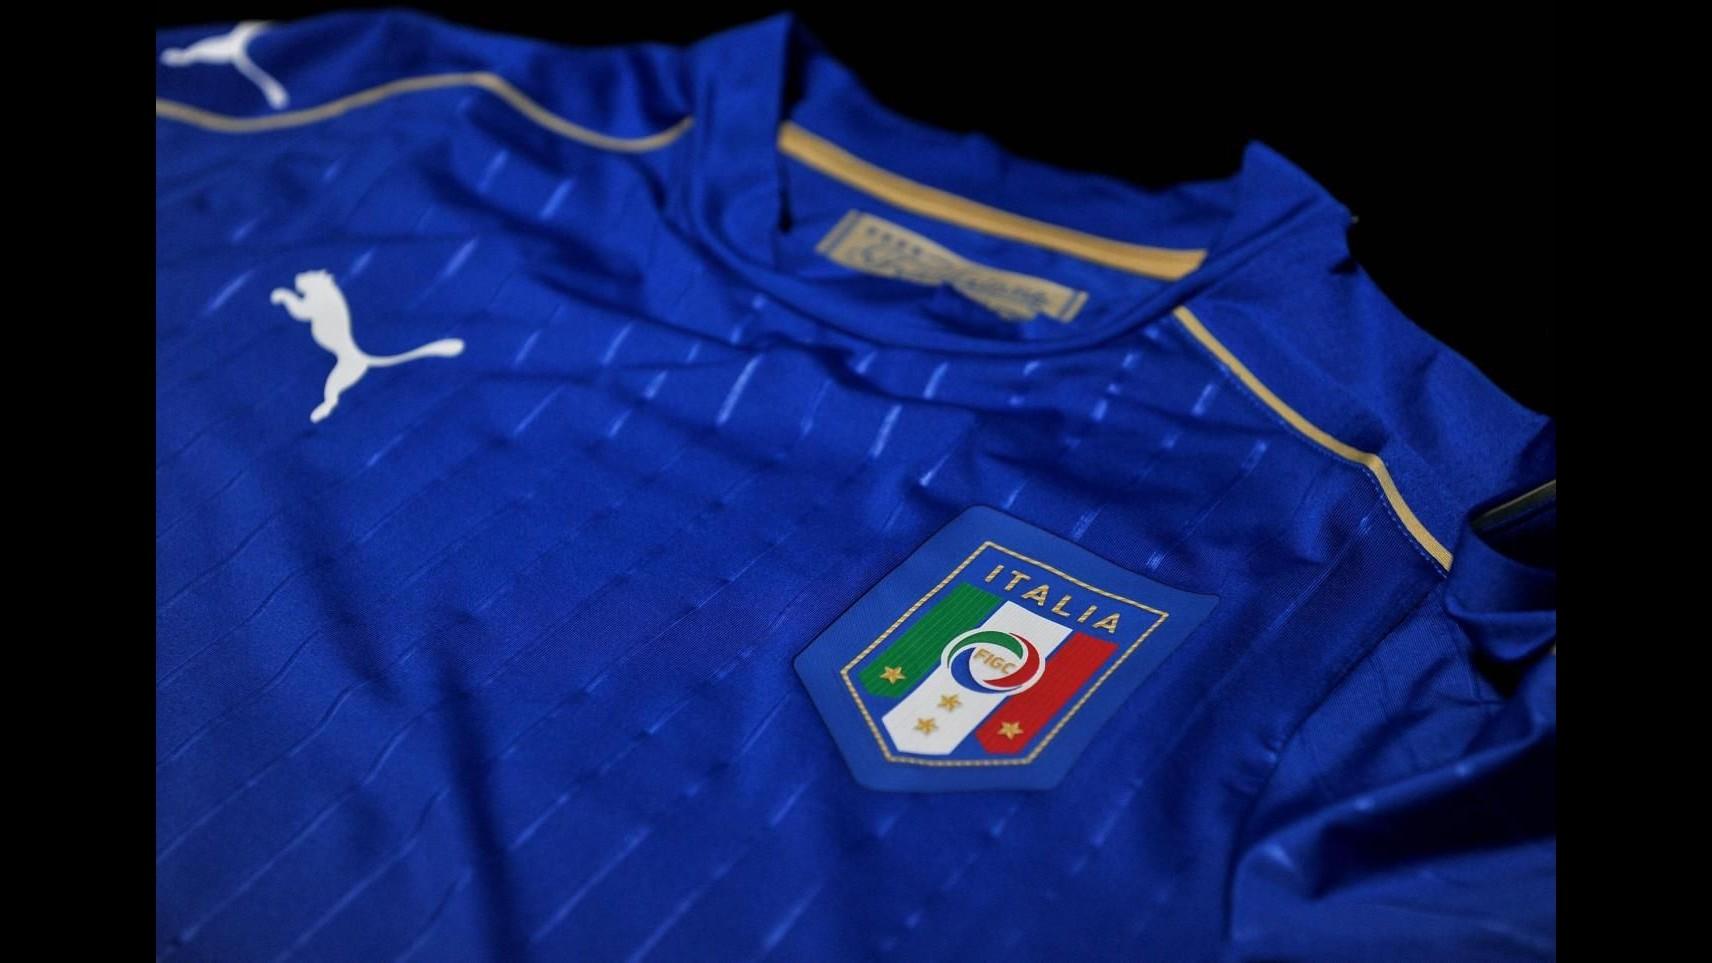 Nazionale: presentata nuova maglia azzurra Puma in vista Europei